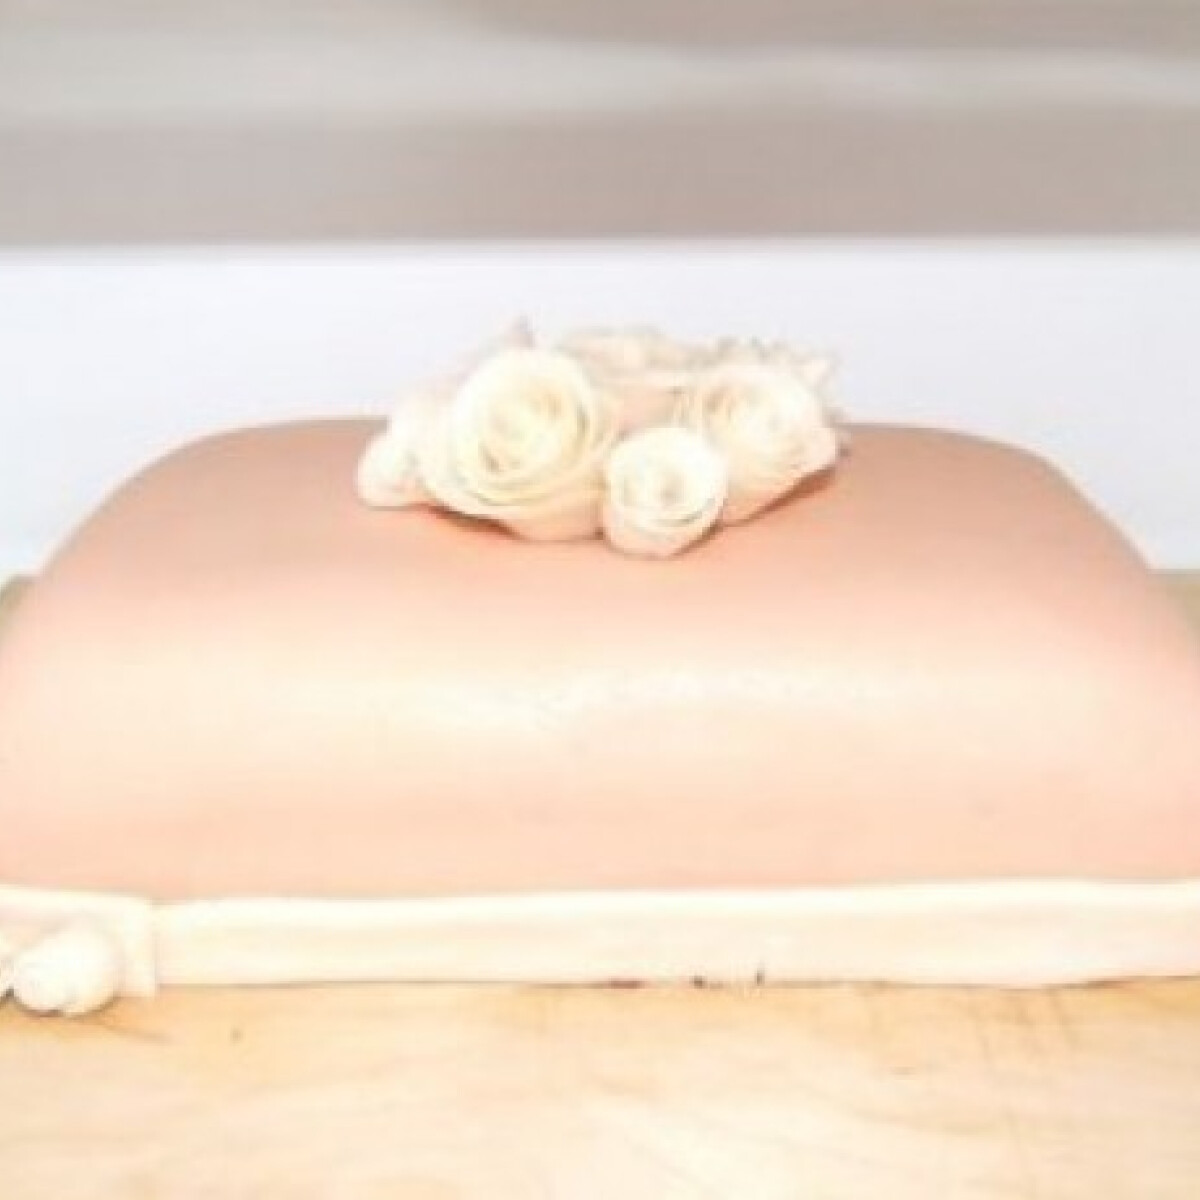 Ezen a képen: Csokoládés-mascarpone-s fondant torta